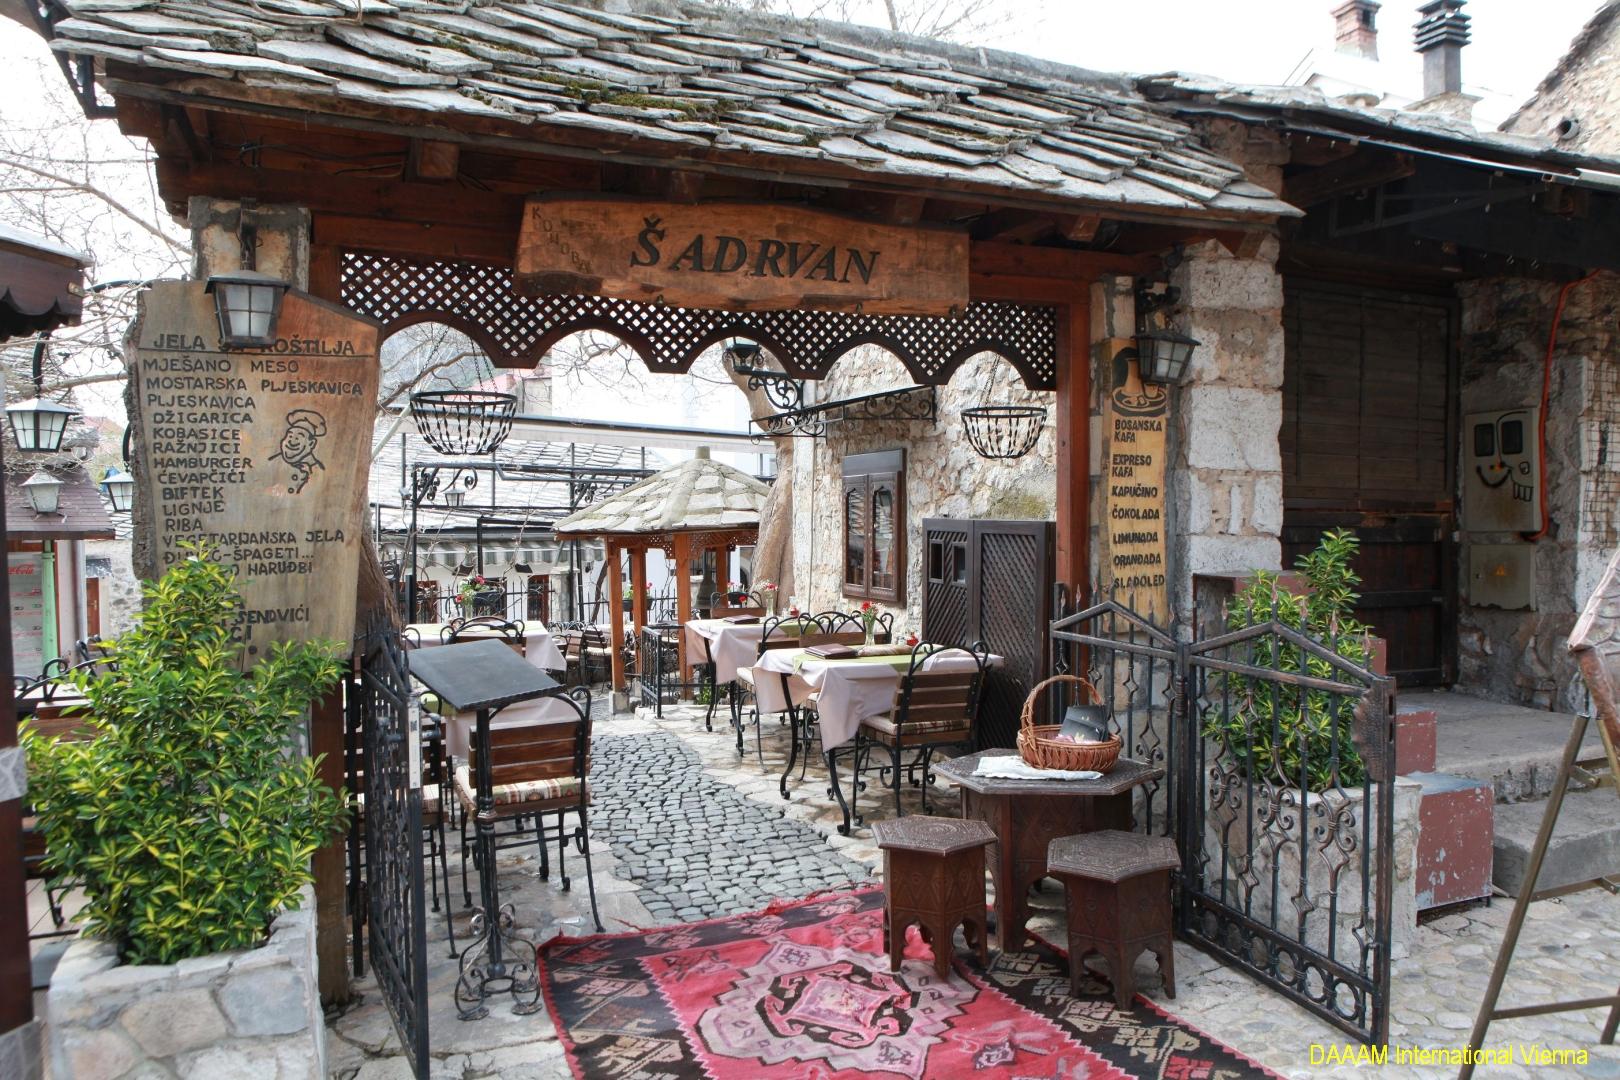 DAAAM_2016_Mostar_01_Magic_City_of_Mostar_044